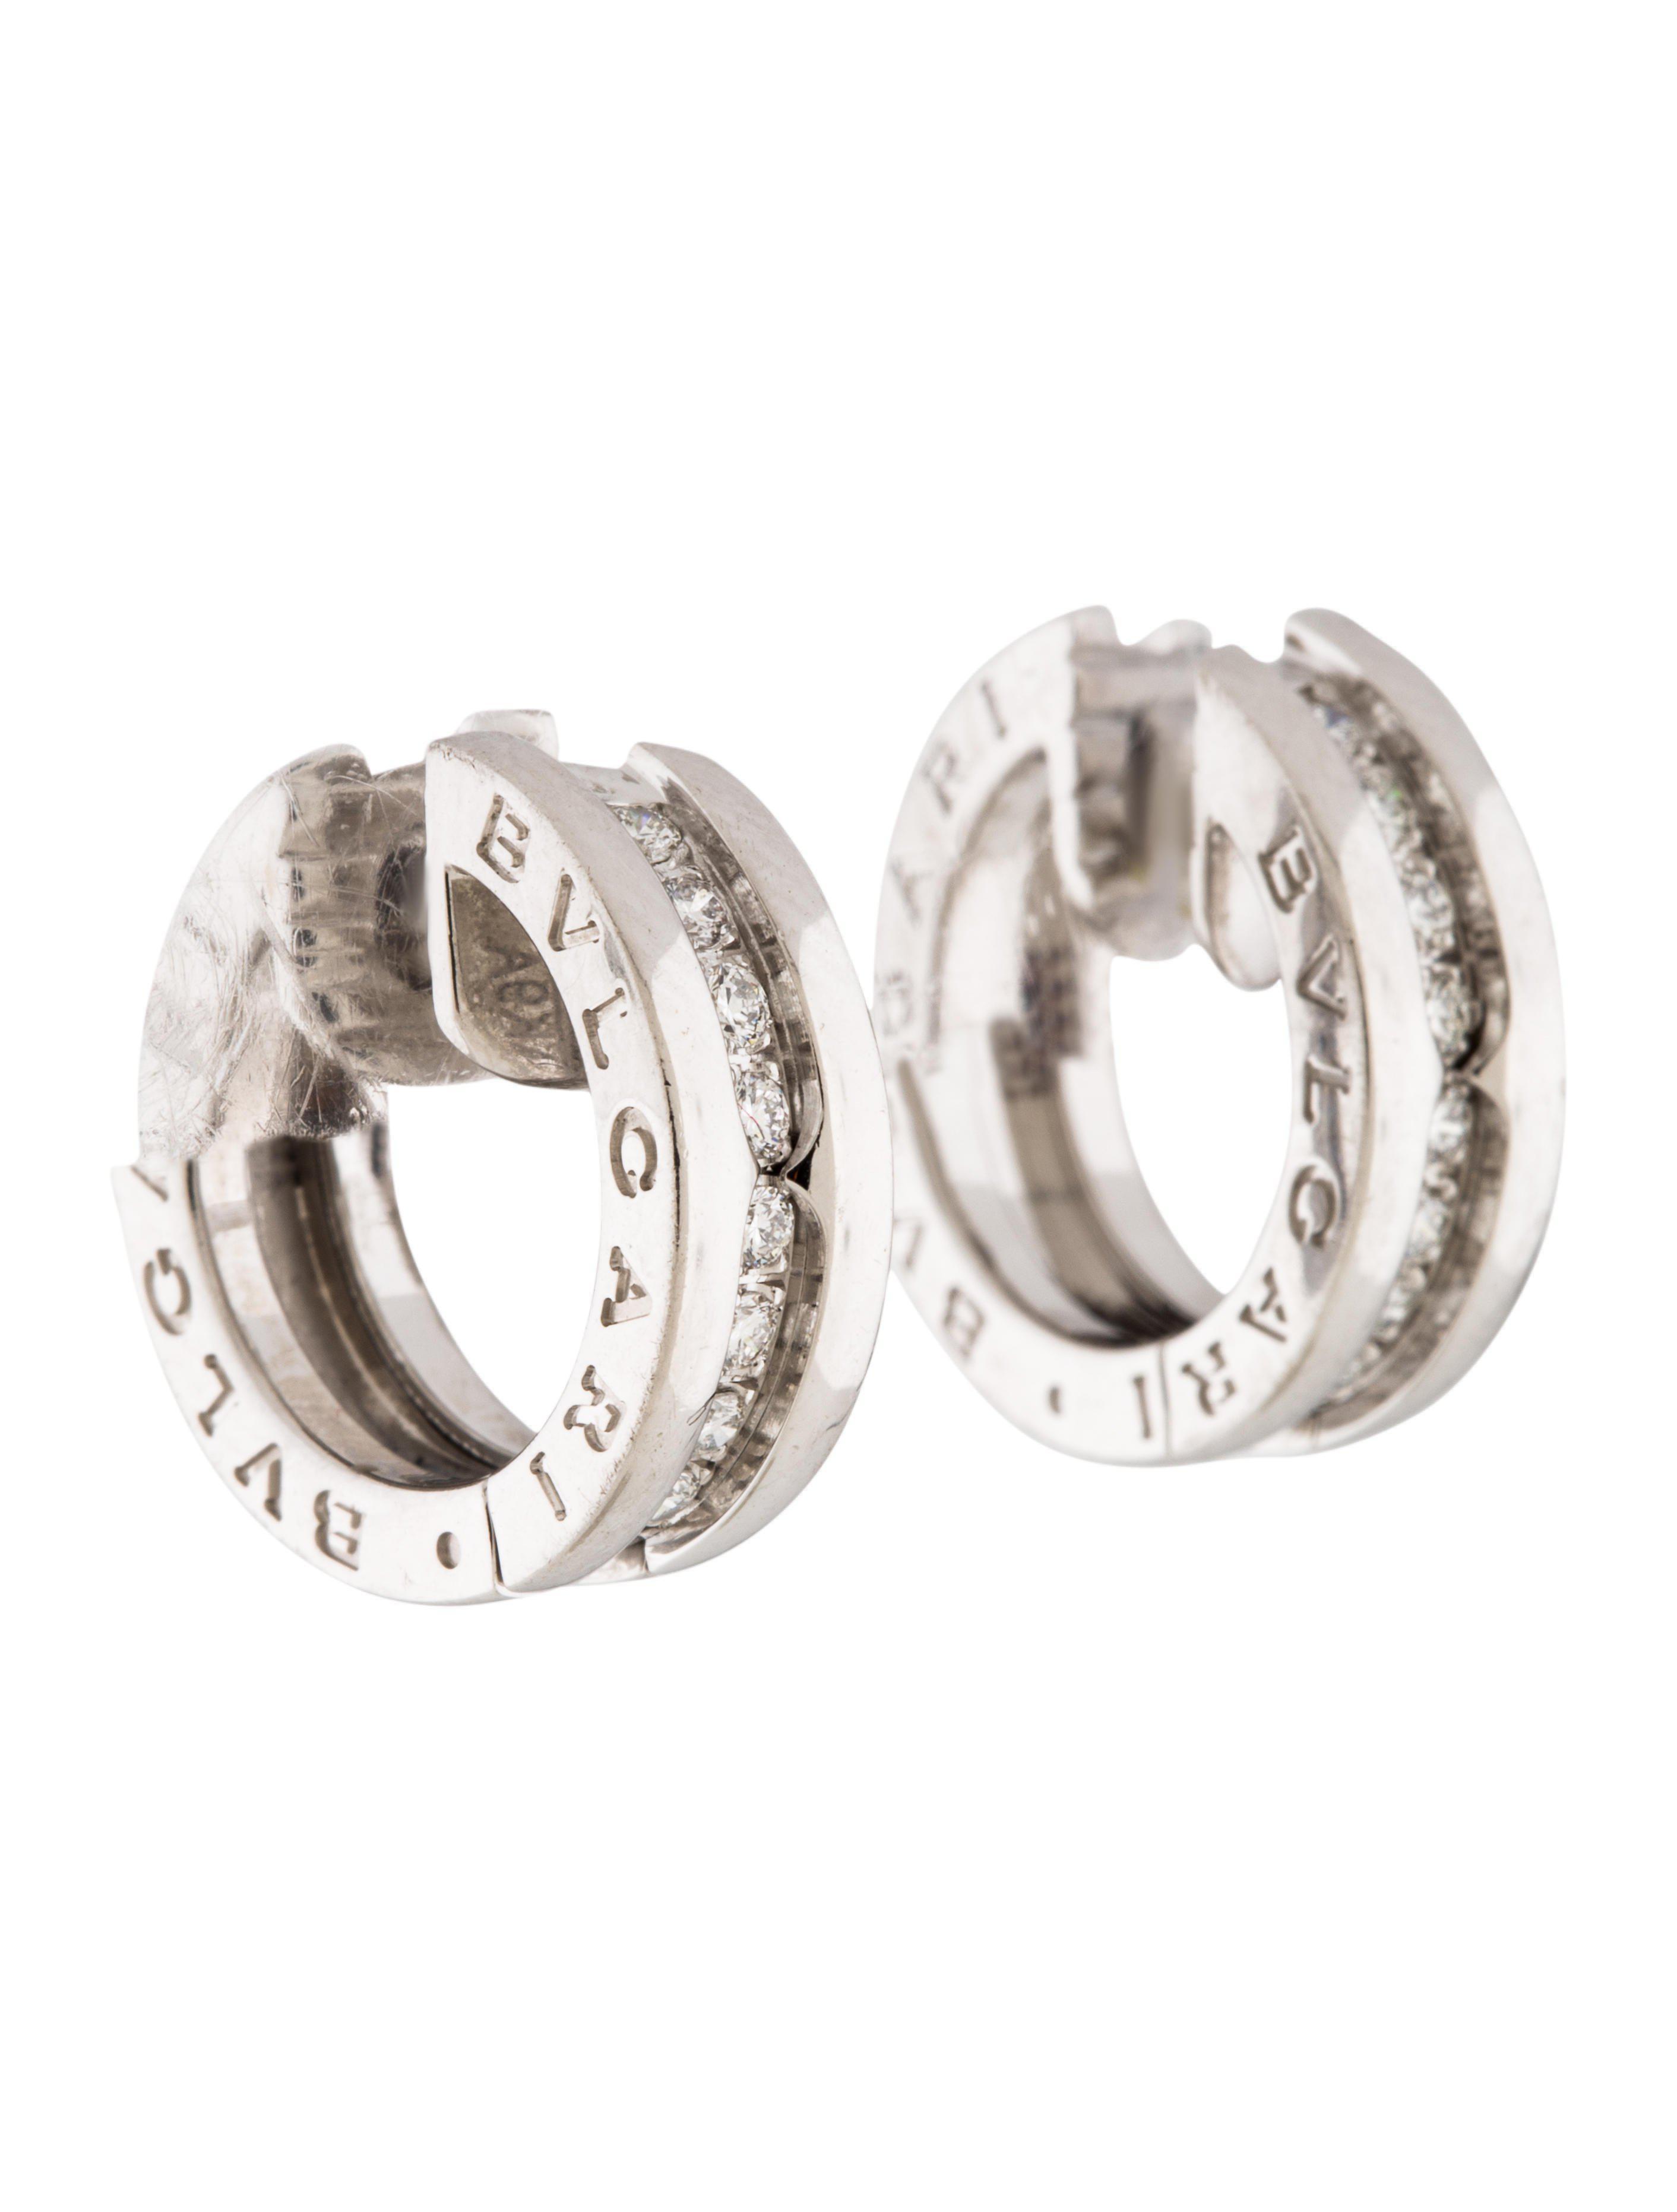 Bvlgari Estate 18k Two-Tone Half Hoop Earrings PSgumUW